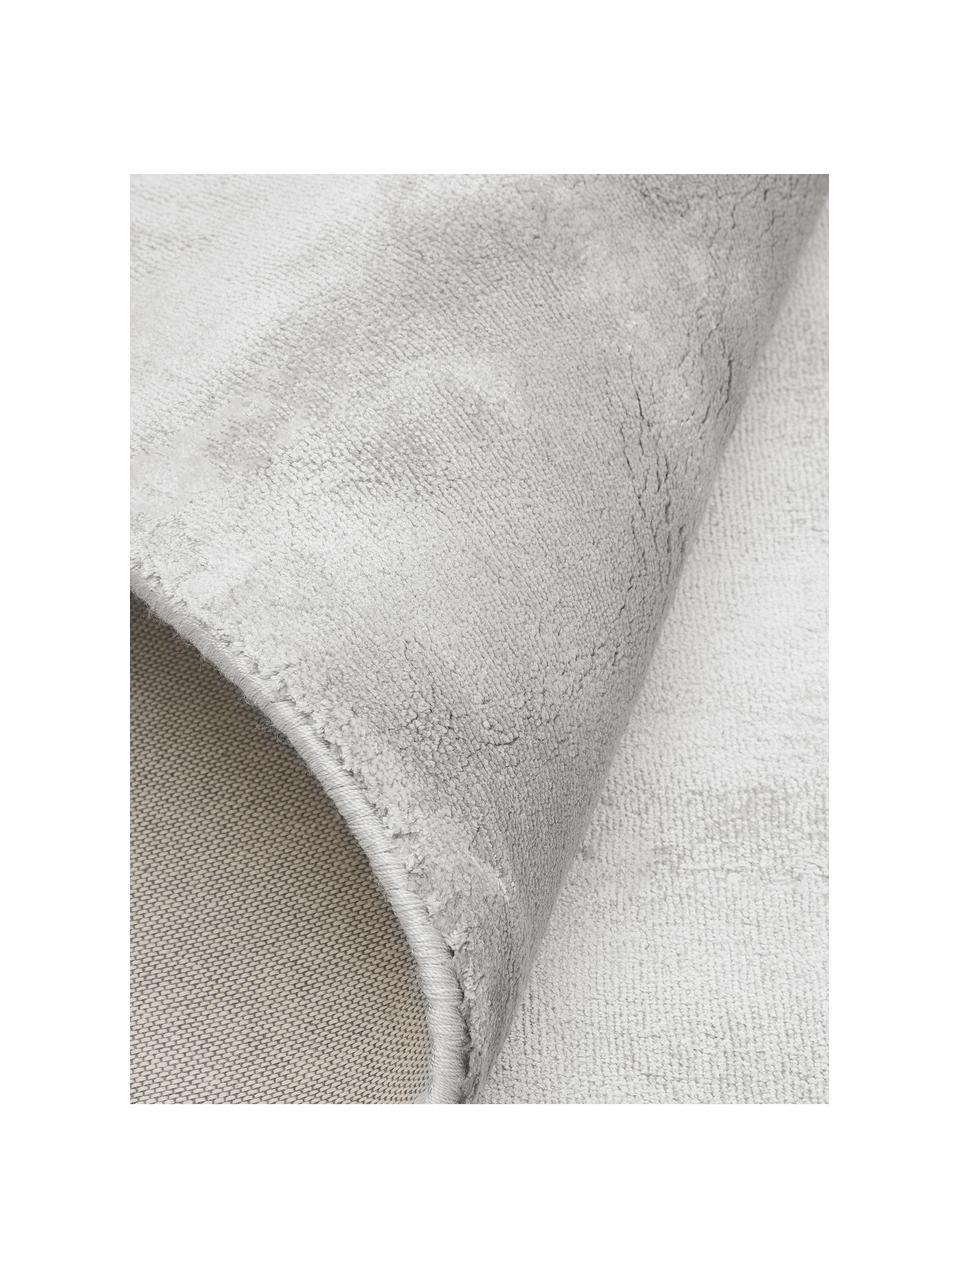 Glanzend viscose vloerkleed Grace in premium kwaliteit, extra zacht, Bovenzijde: 100% viscose, Onderzijde: 100% polyester, Grijs, B 200 x L 300 cm (maat L)